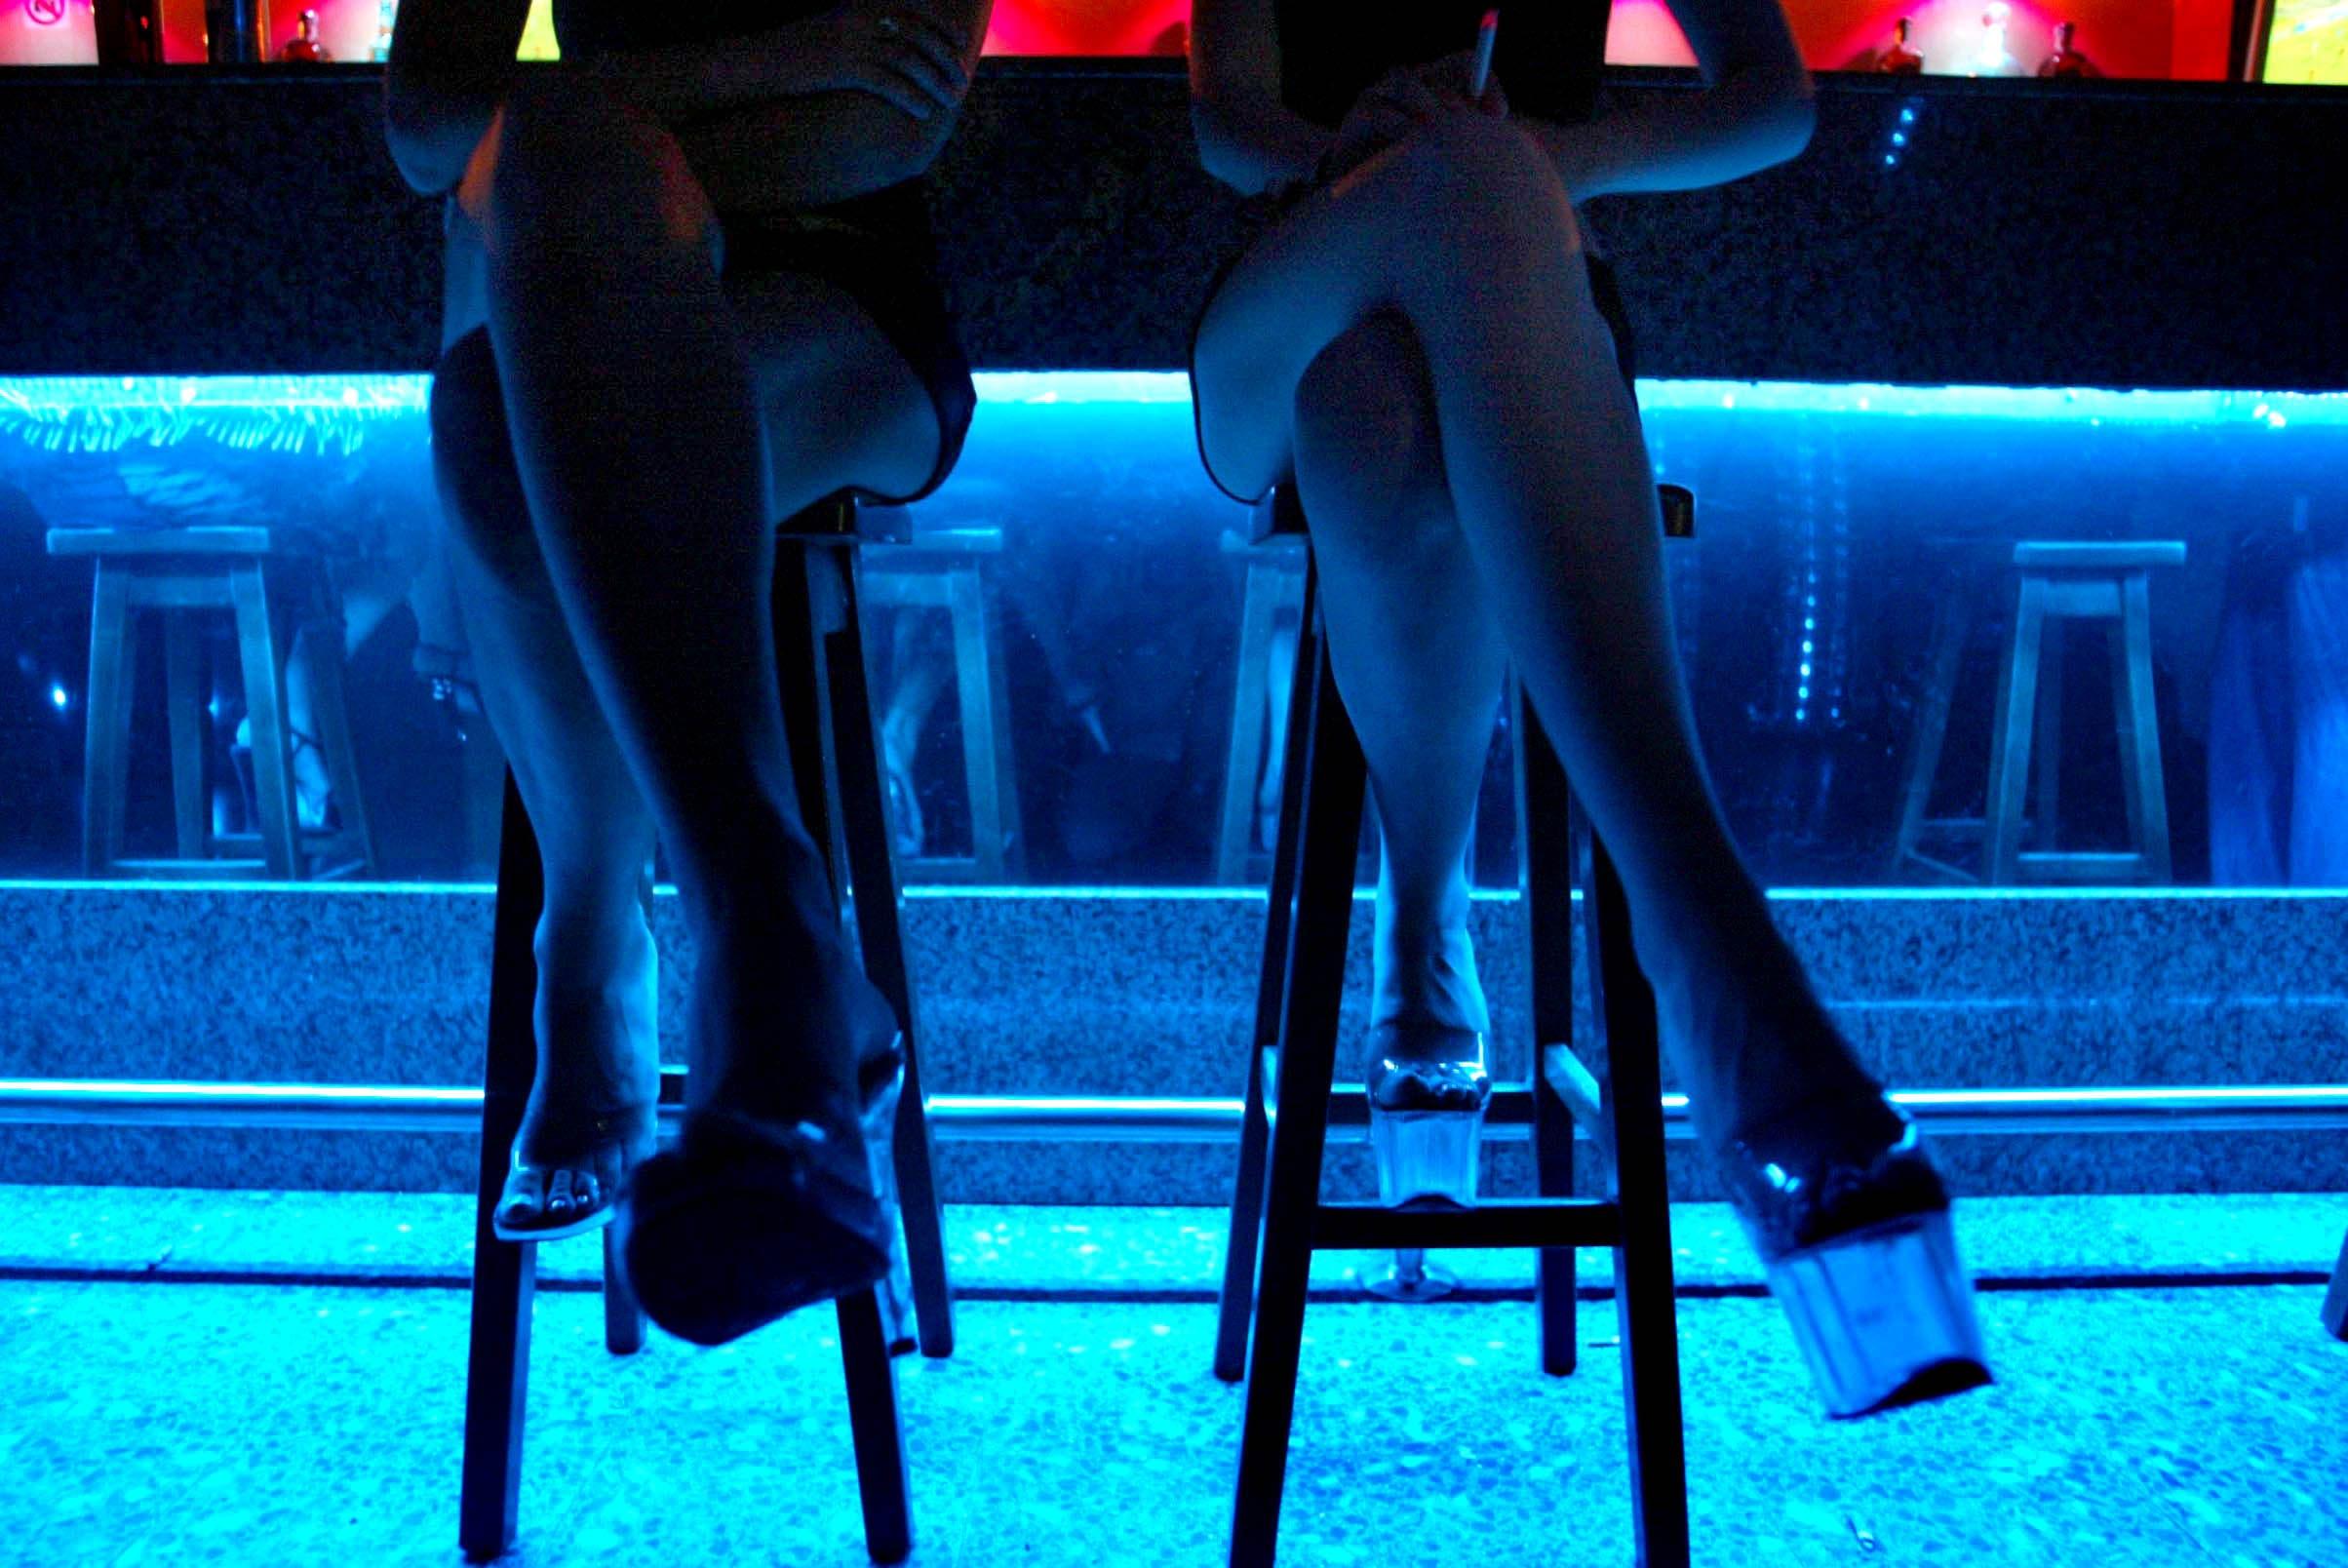 investigacion de la prostitucion: